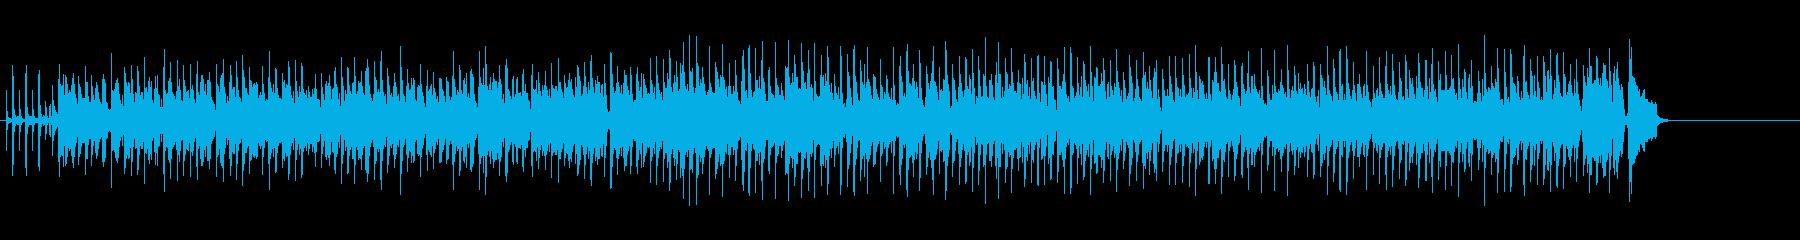 非常に活発なリズムとブルースホンキ...の再生済みの波形